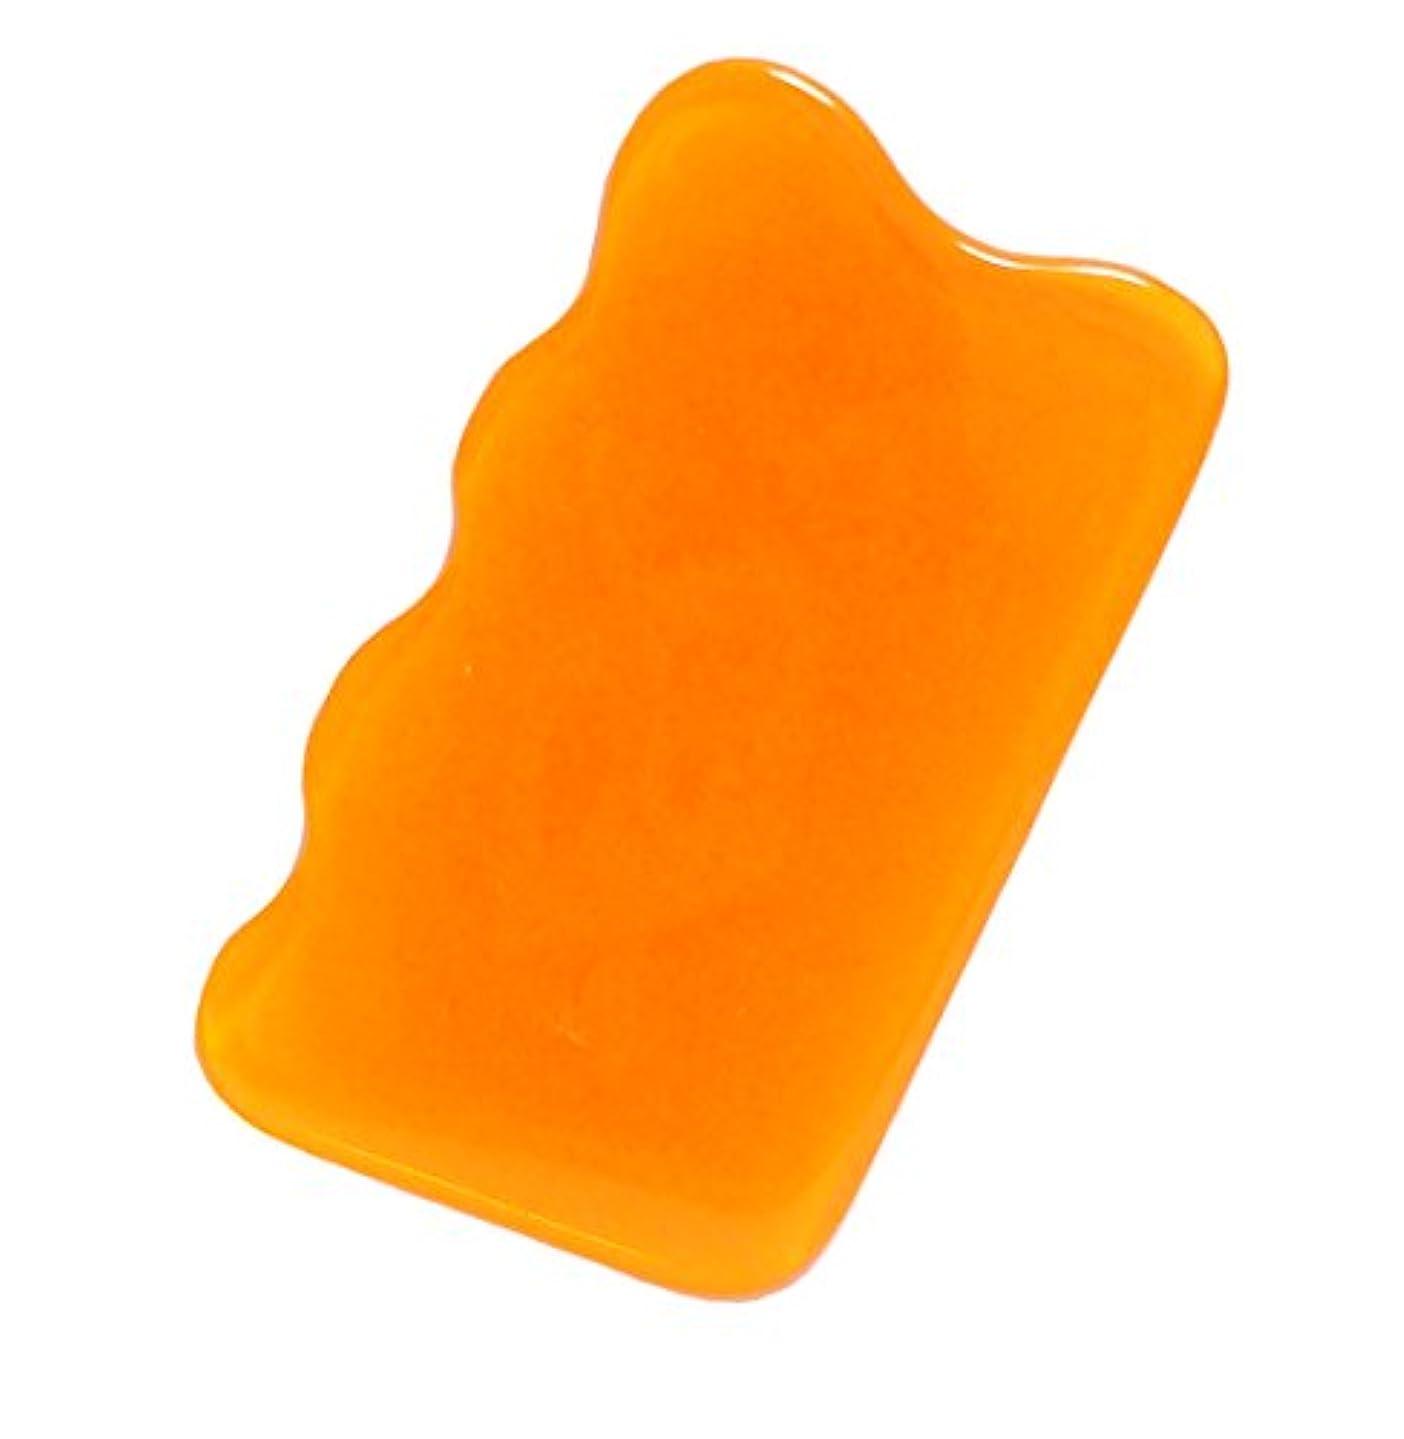 天然蜜蝋使用! 雲形かっさプレート (オレンジ色)